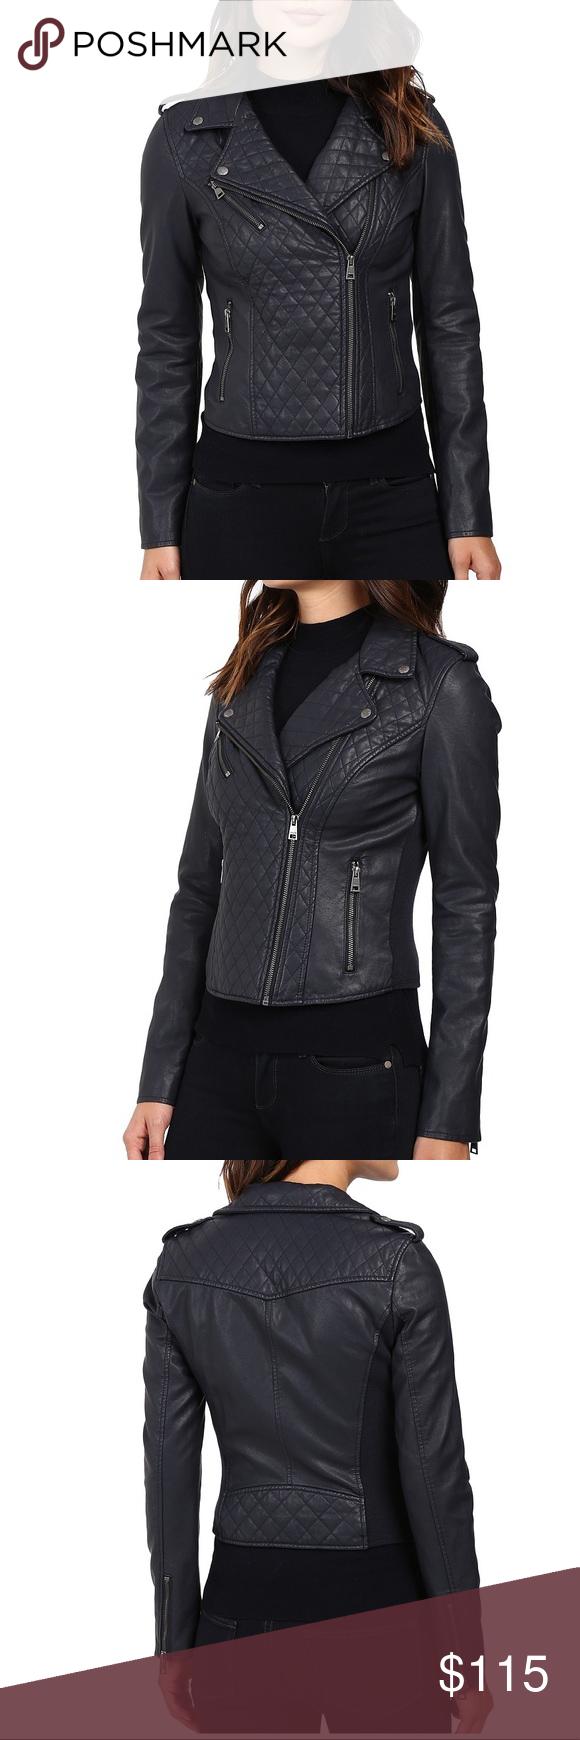 Levi's Faux Leather Moto Jacket Faux leather moto jacket